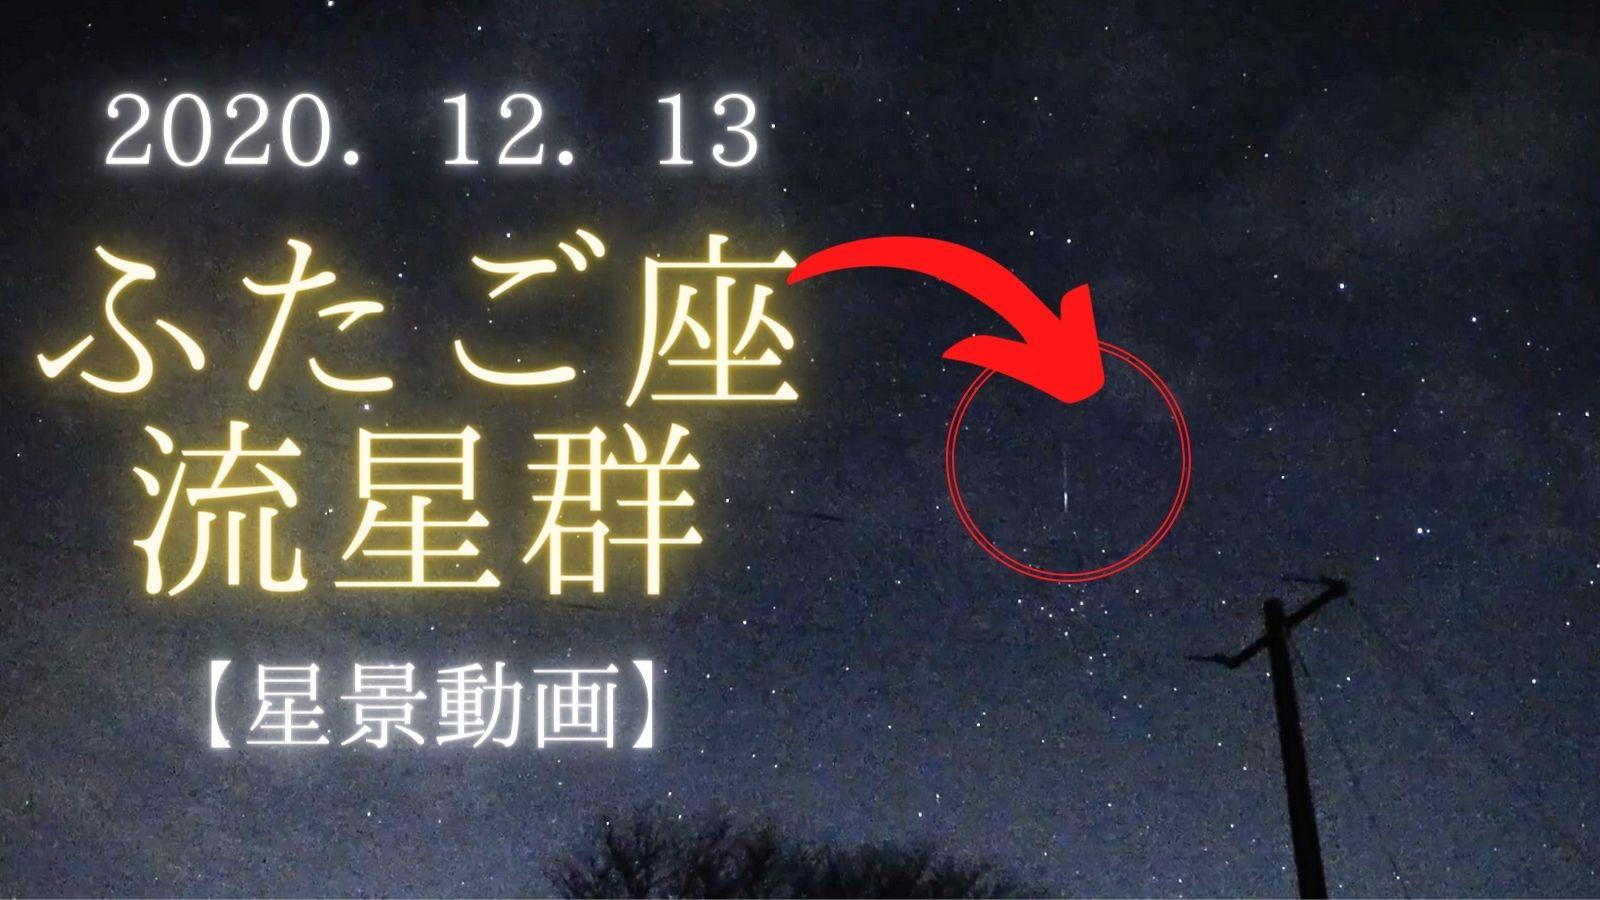 2020年ふたご座流星群の撮影に行ってきました(12月13日)